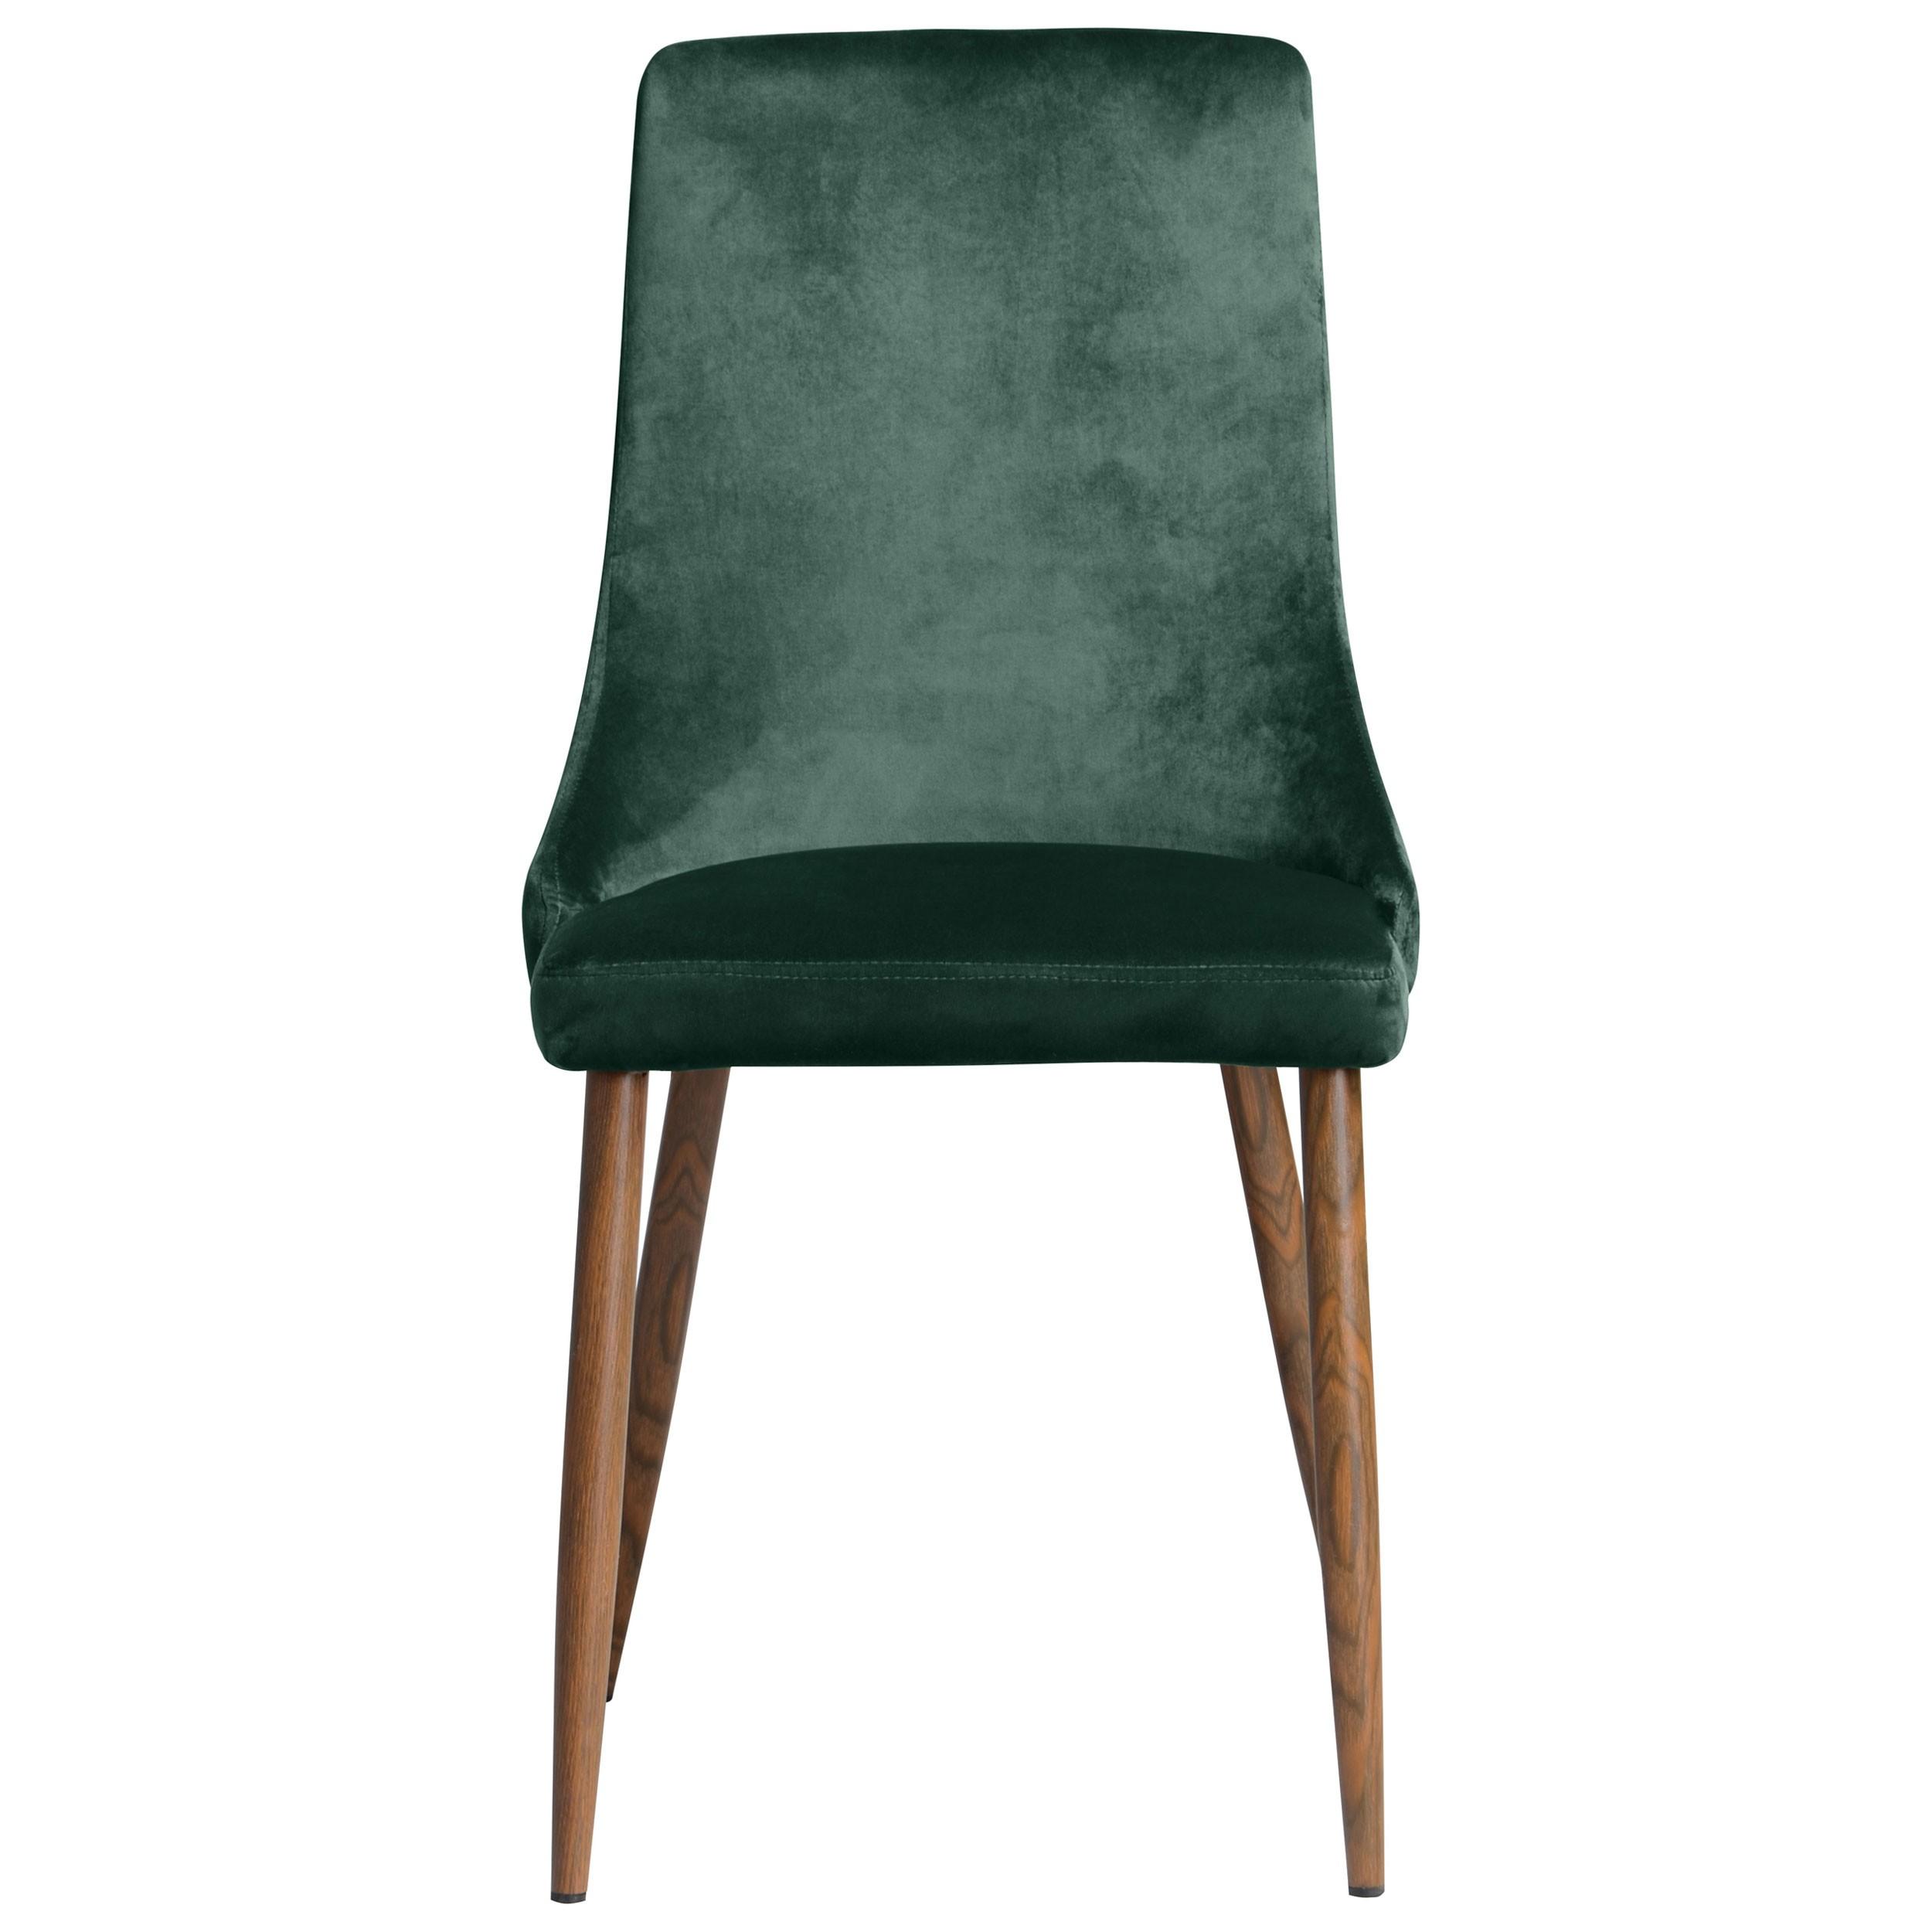 acheter chaise velours vert previous - Chaise Verte